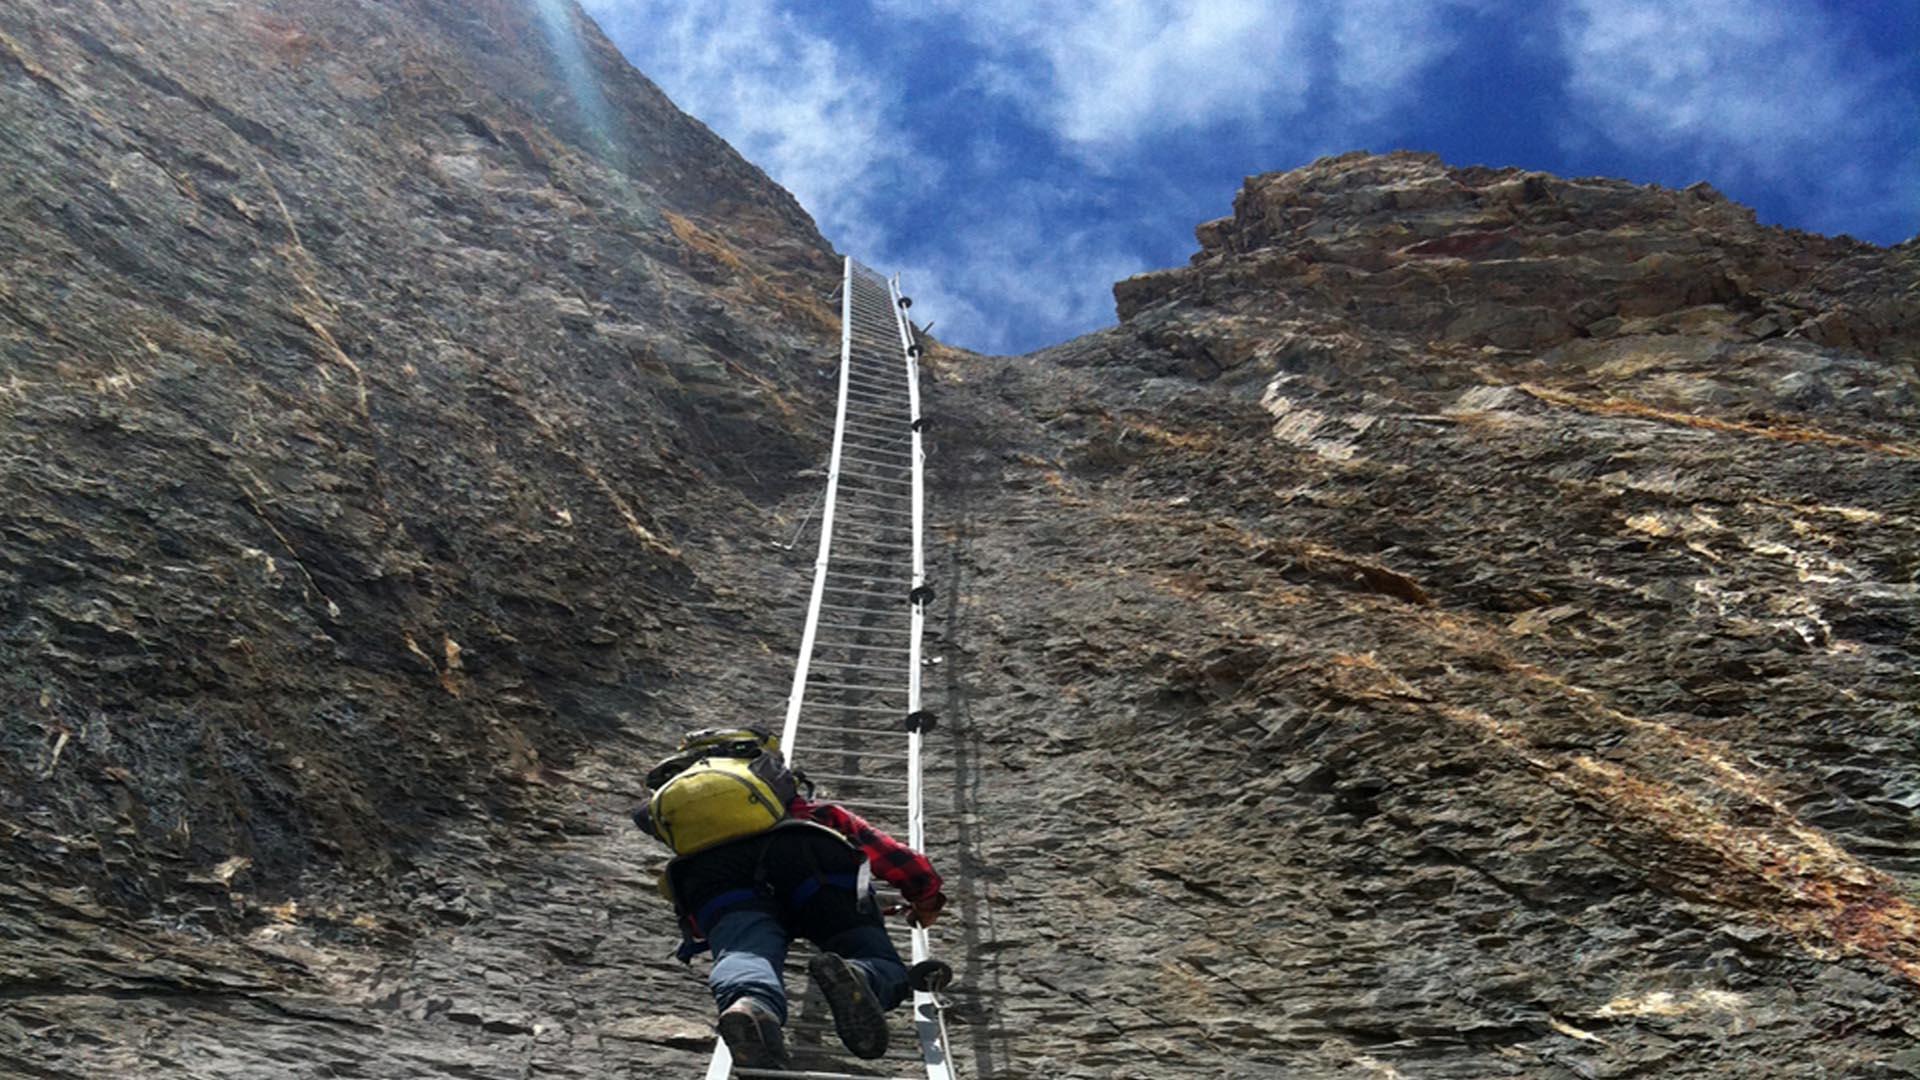 Klettersteig Daubenhorn : Leukerbad: klettersteig gemmi daubenhorn wieder offen